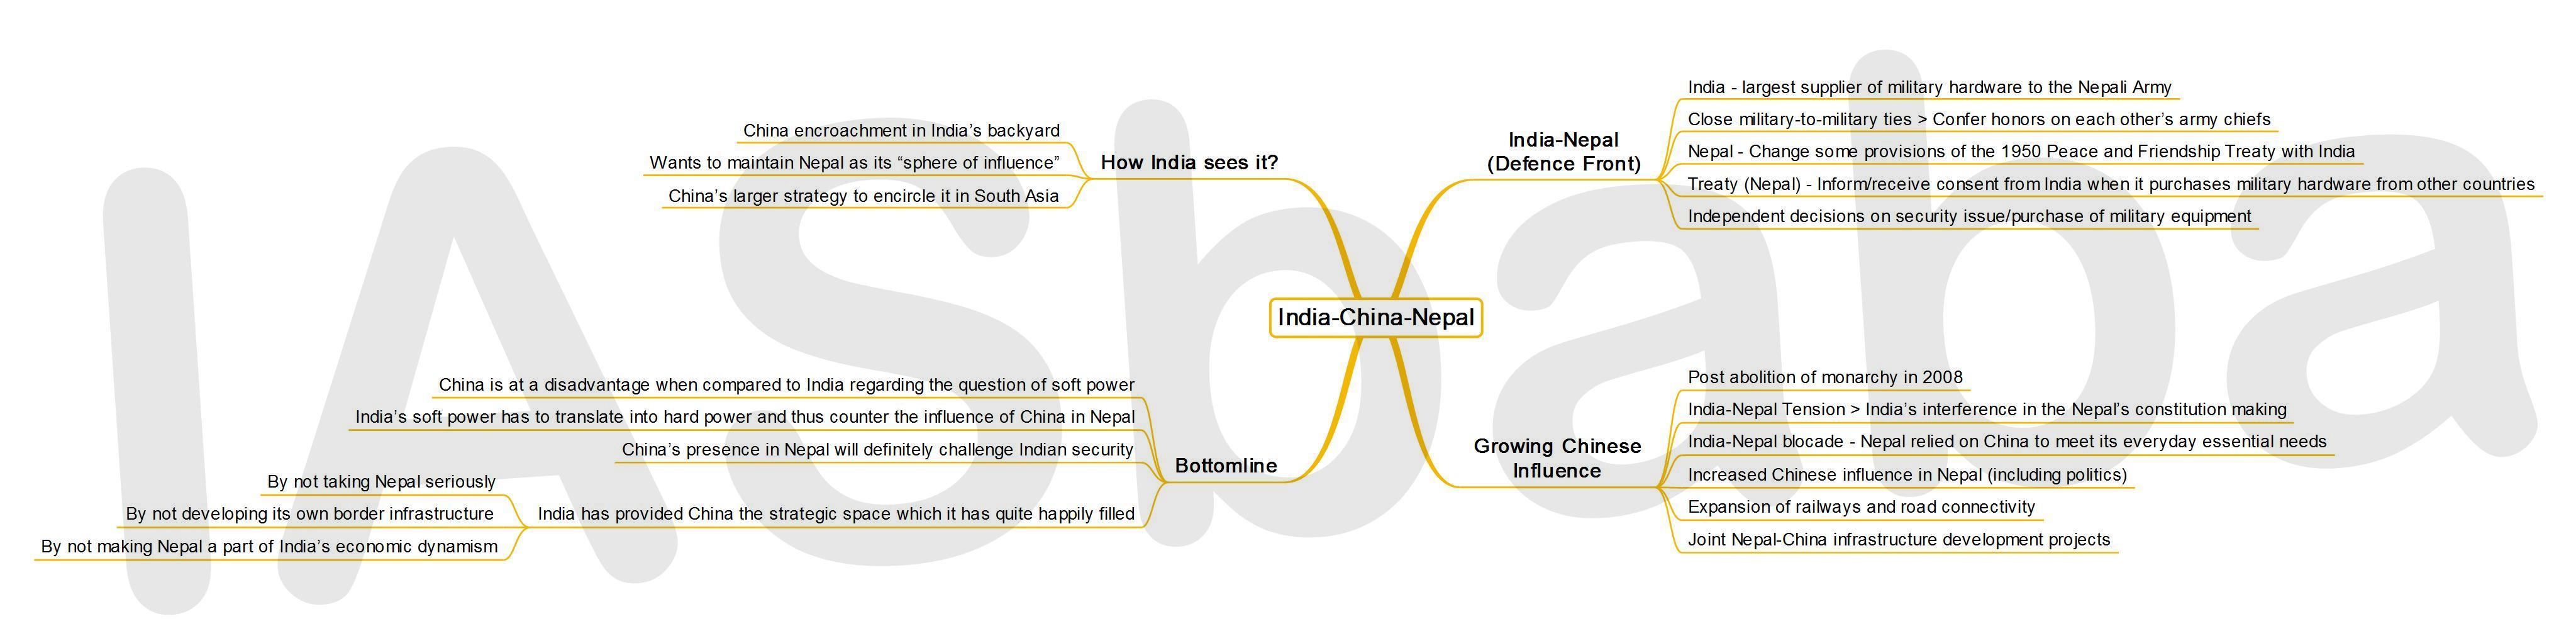 IASbaba's MINDMAP: Issue - India-China-Nepal